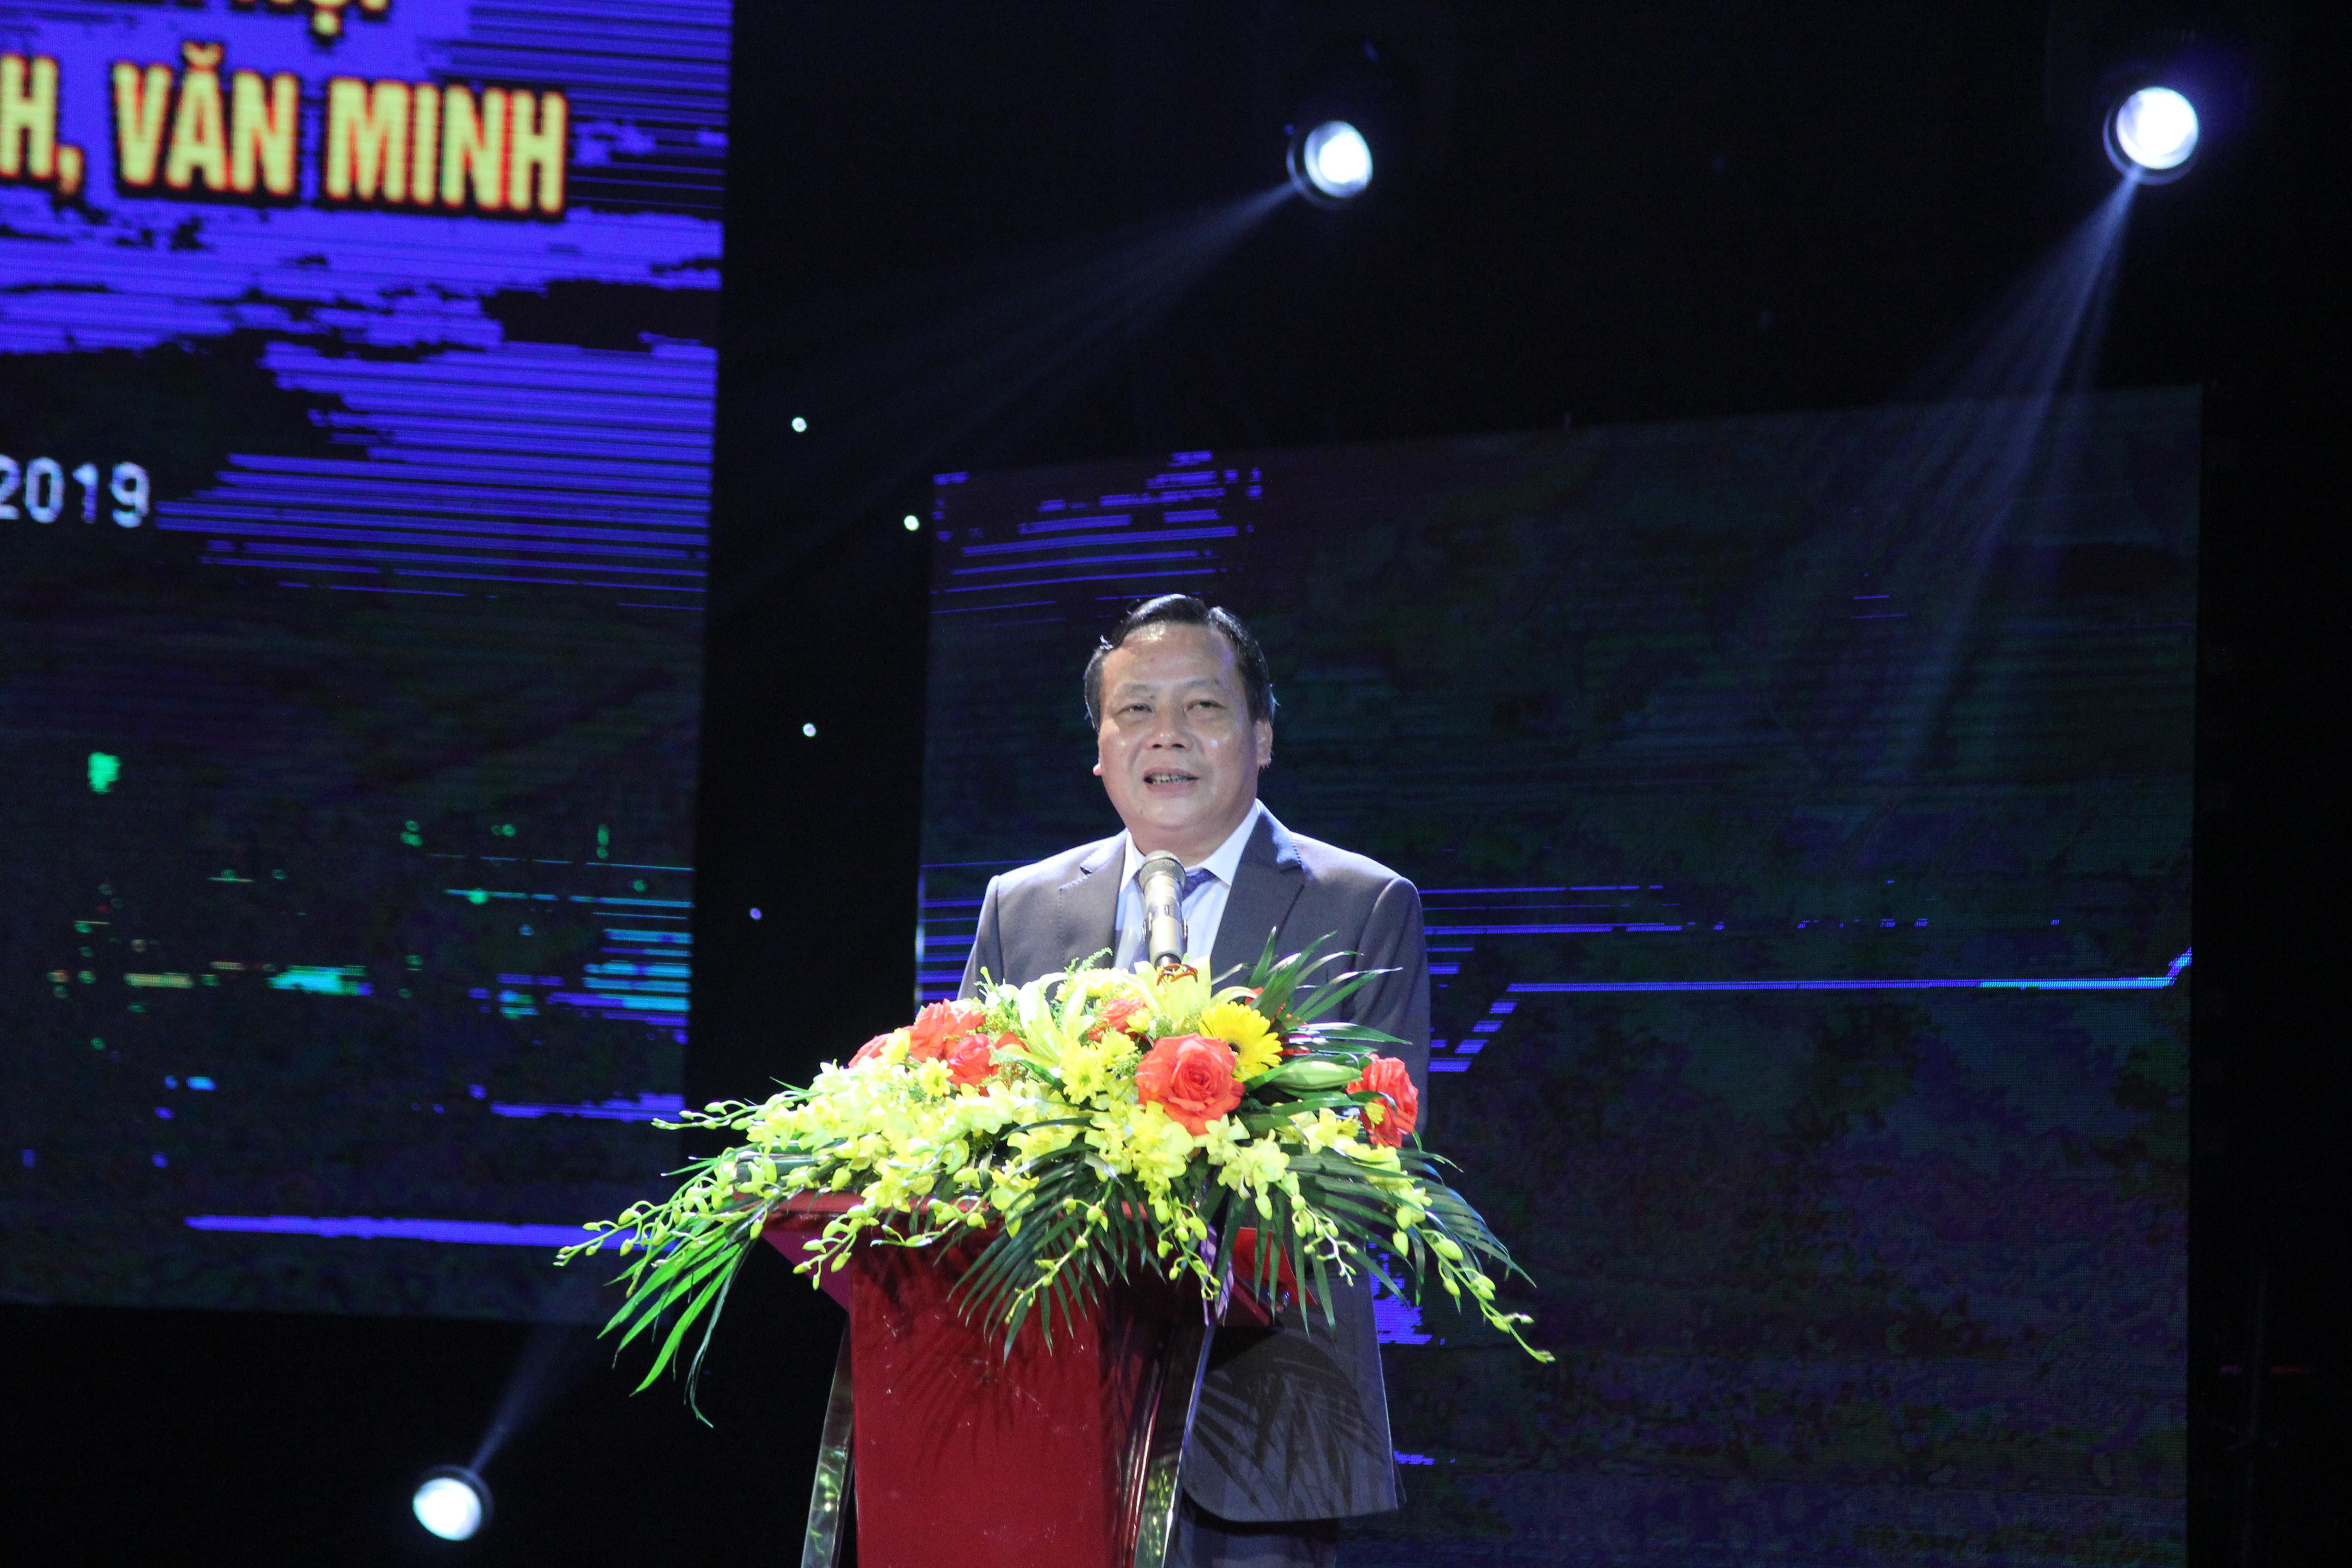 Ông Nguyễn Văn Phong, Trưởng Ban tuyên Tuyên giáo Thành ủy Hà Nội, phát biểu tại buổi Lễ trao giải.